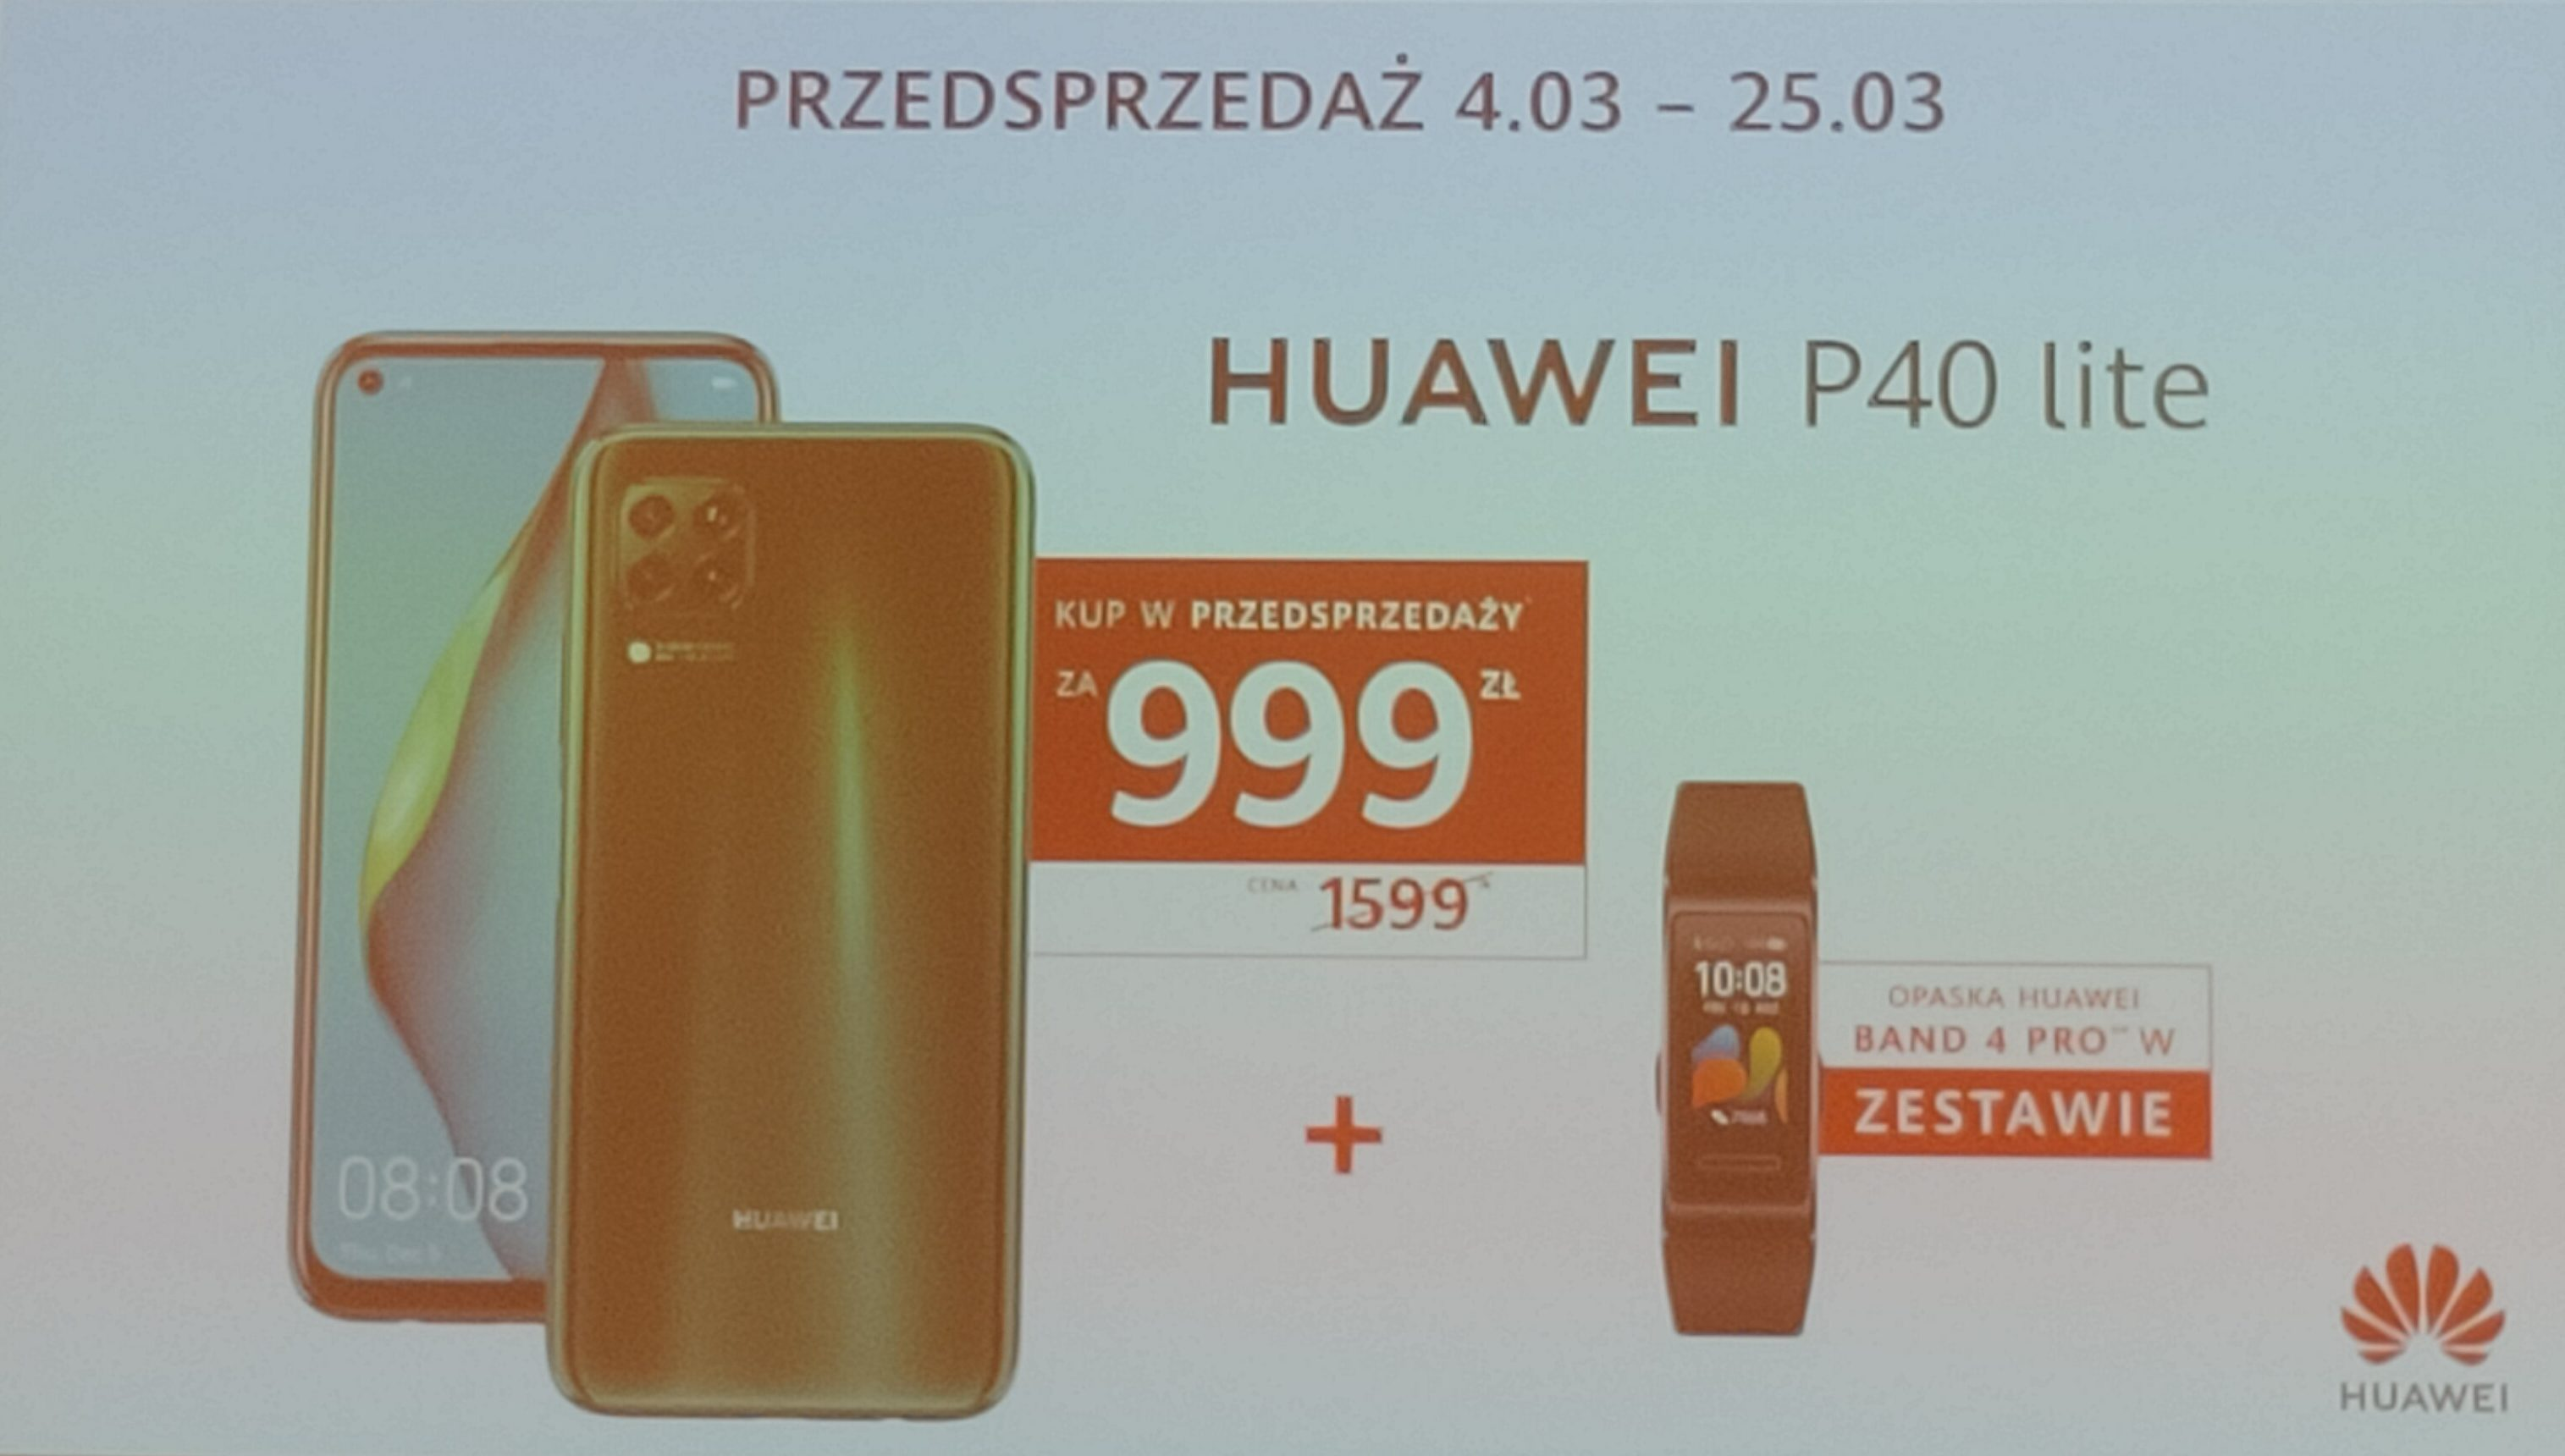 Huawei P40 Lite i P40 Lite E z opaską Band 4 w sensacyjnie niskich cenach podczas przedsprzedaży! 16